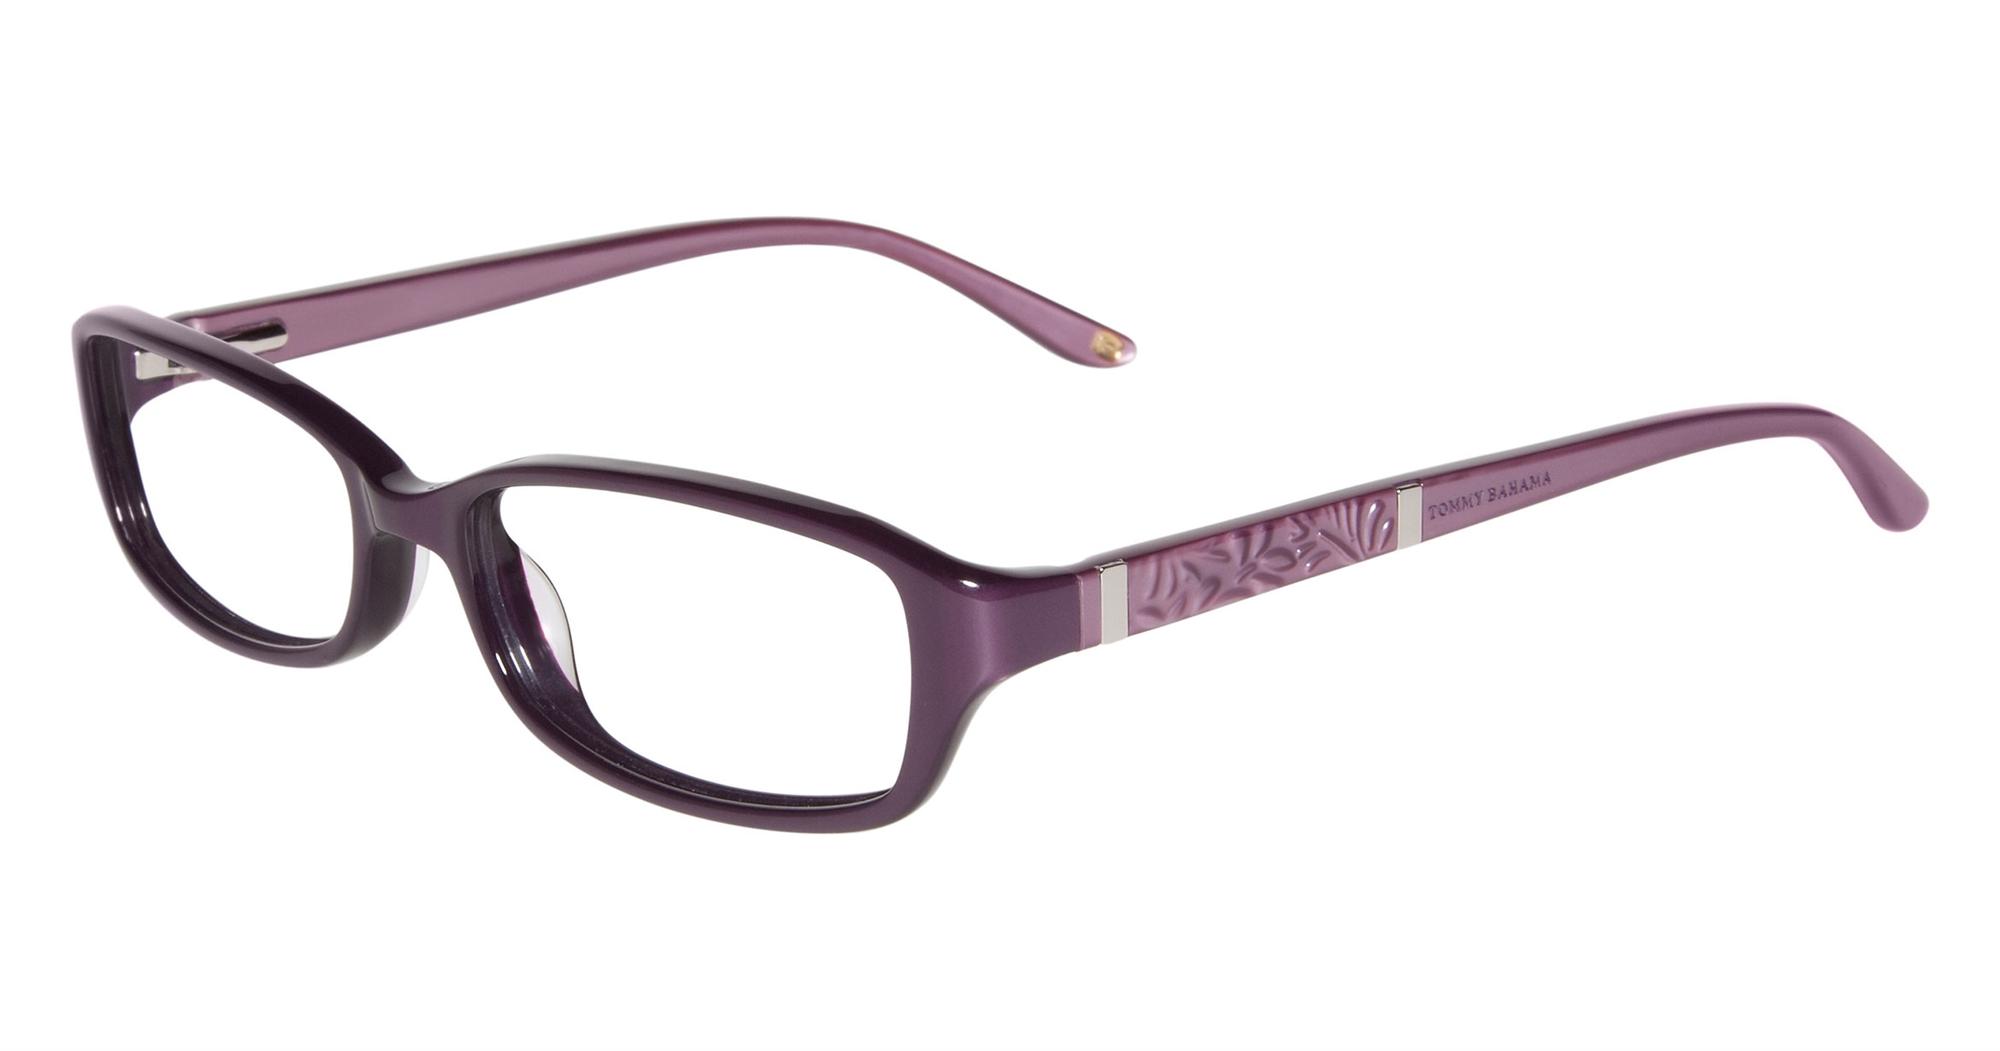 Eyeglasses Frame Pearle Vision : ray ban eyeglasses frames pearle vision